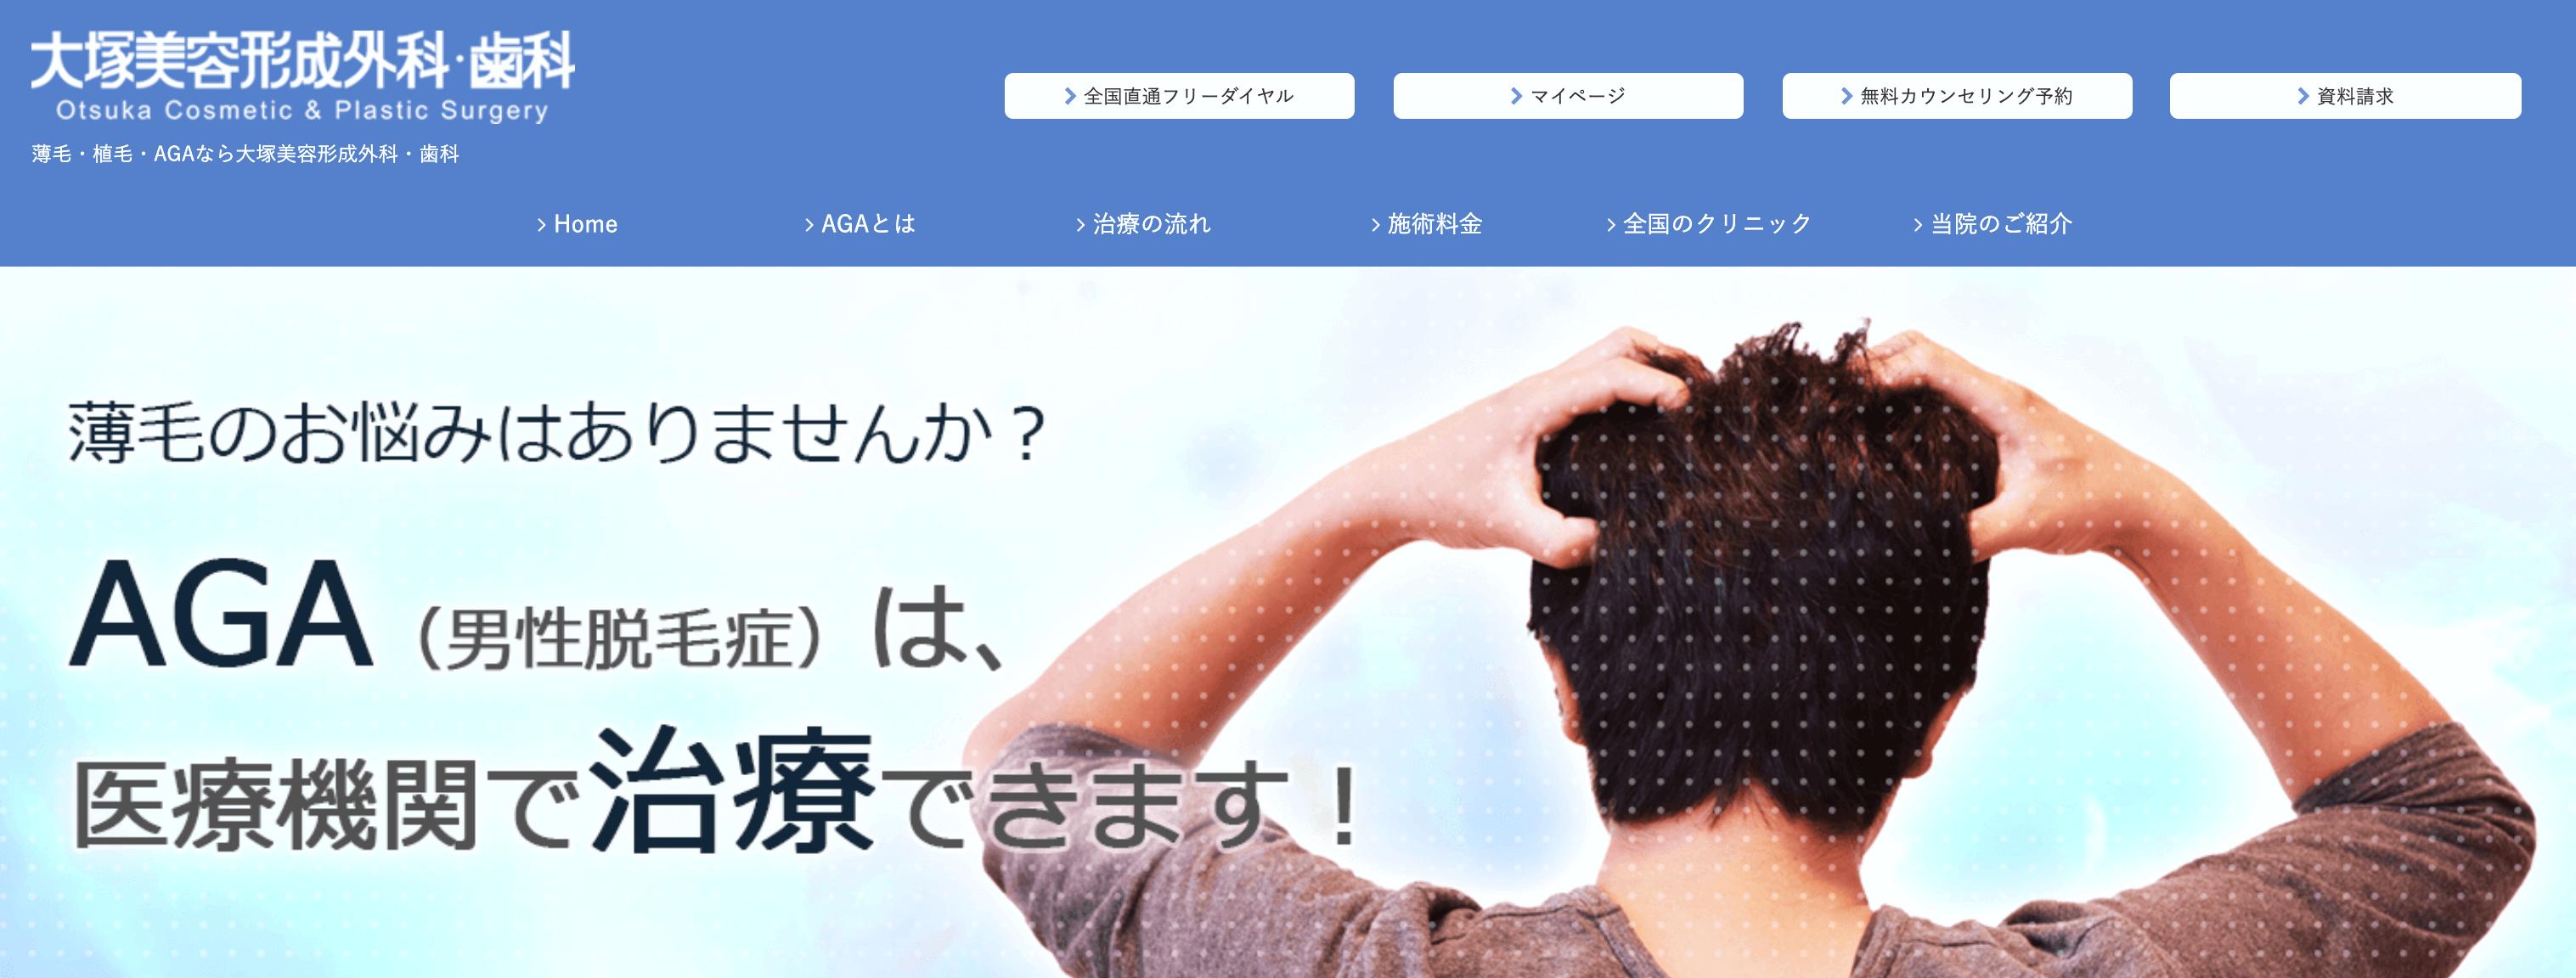 大塚美容形成外科・歯科の公式ページ